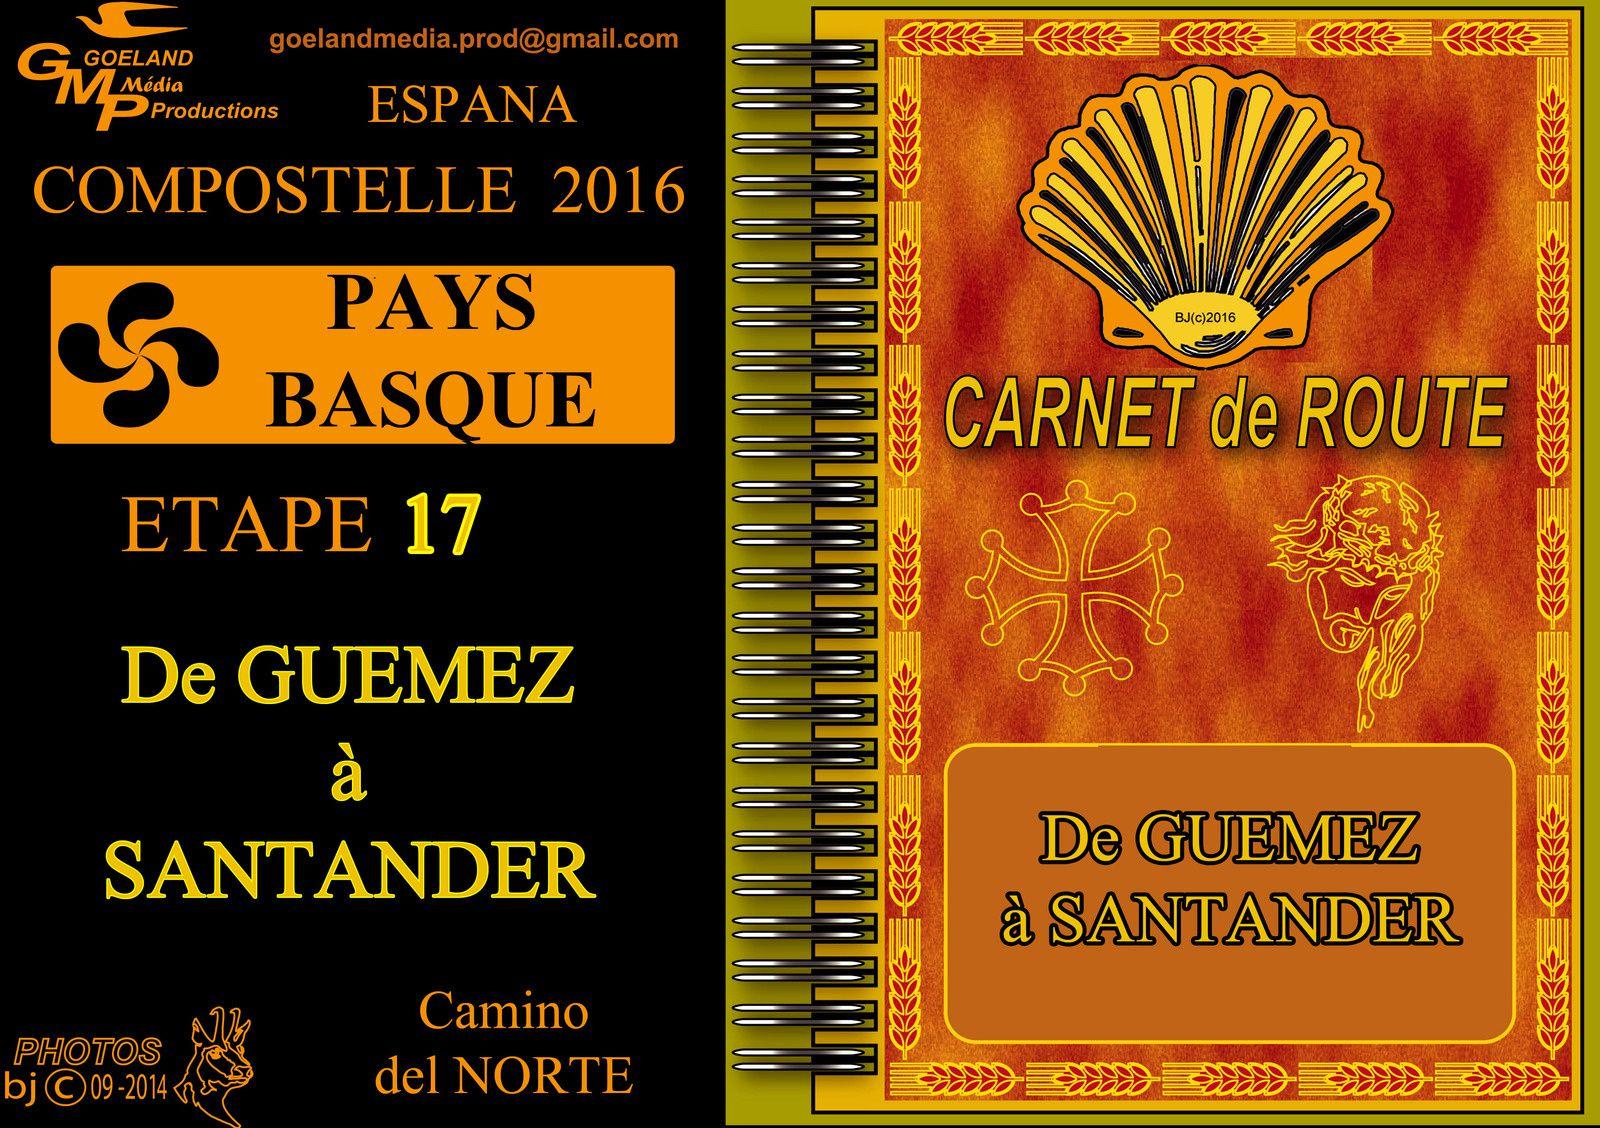 ETAPE 17 - Vers COMPOSTELLE 2016 - de GUEMEZ à SANTANDER